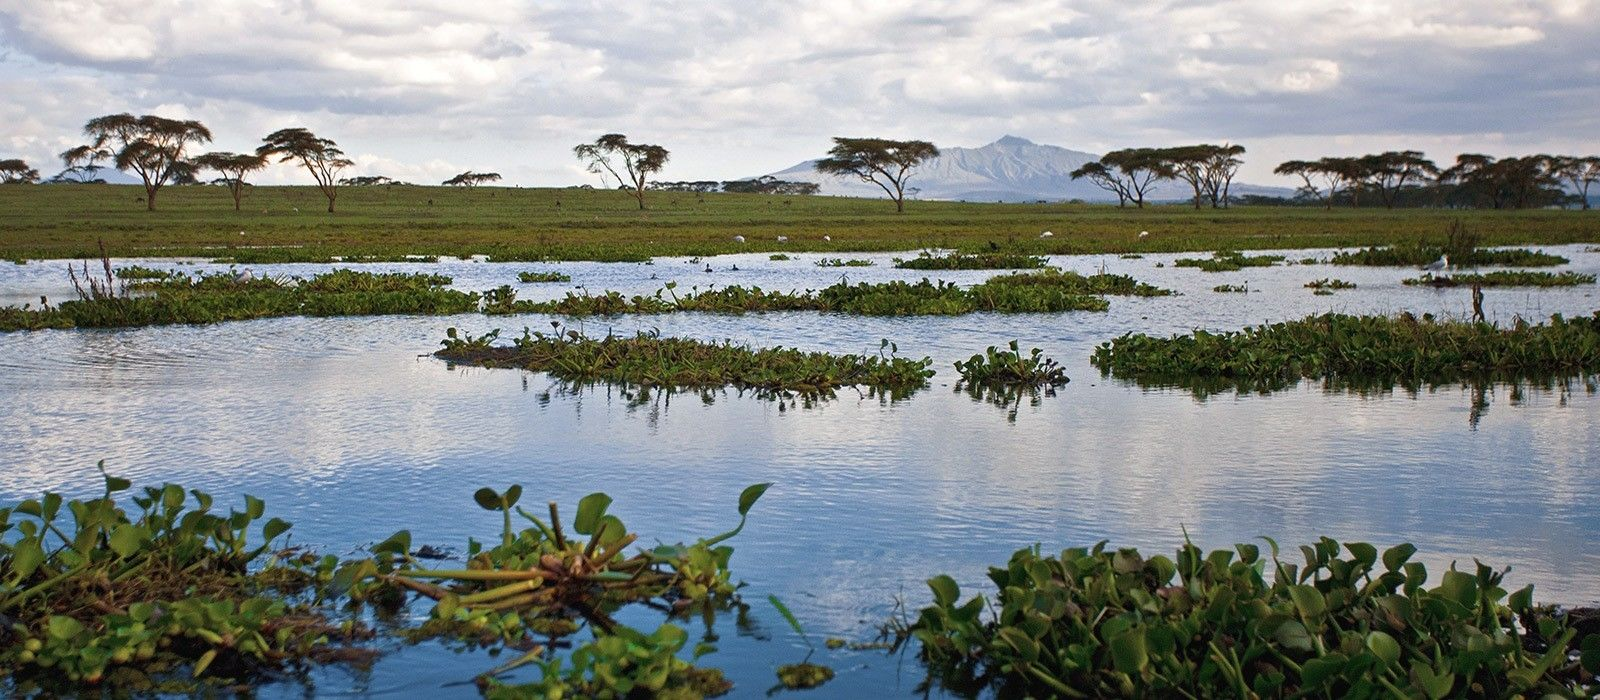 Nah und Pur – Kenia Erlebnisreise Urlaub 2